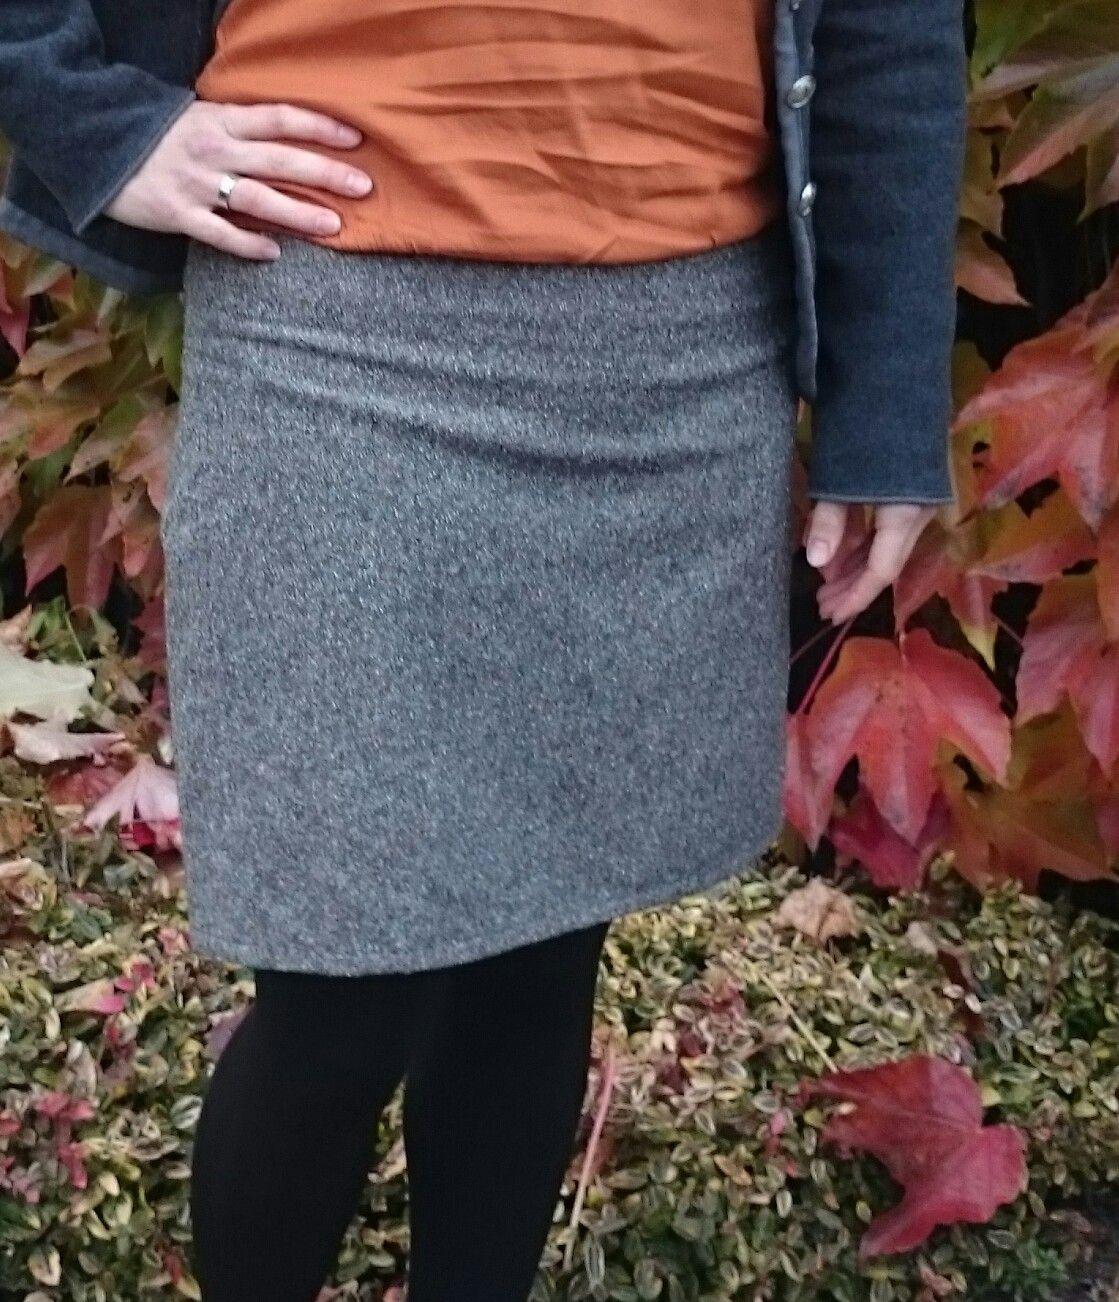 Herbstrock - mit schönen festen Baumwollstoff in Herbstfarben